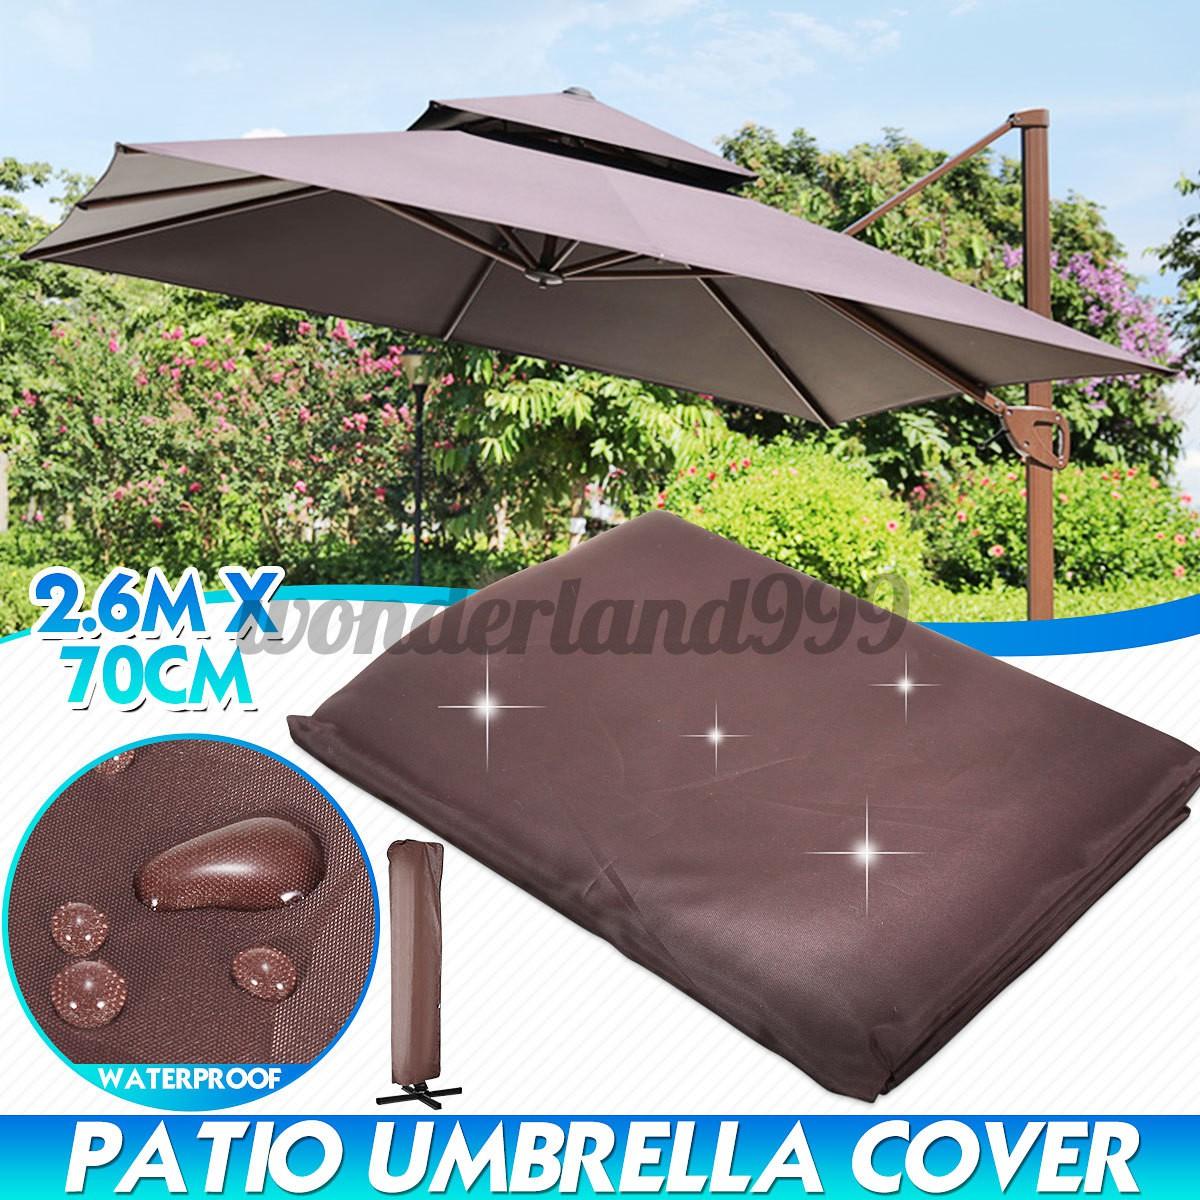 260cm waterproof garden patio parasol umbrella outdoor canopy protective cover